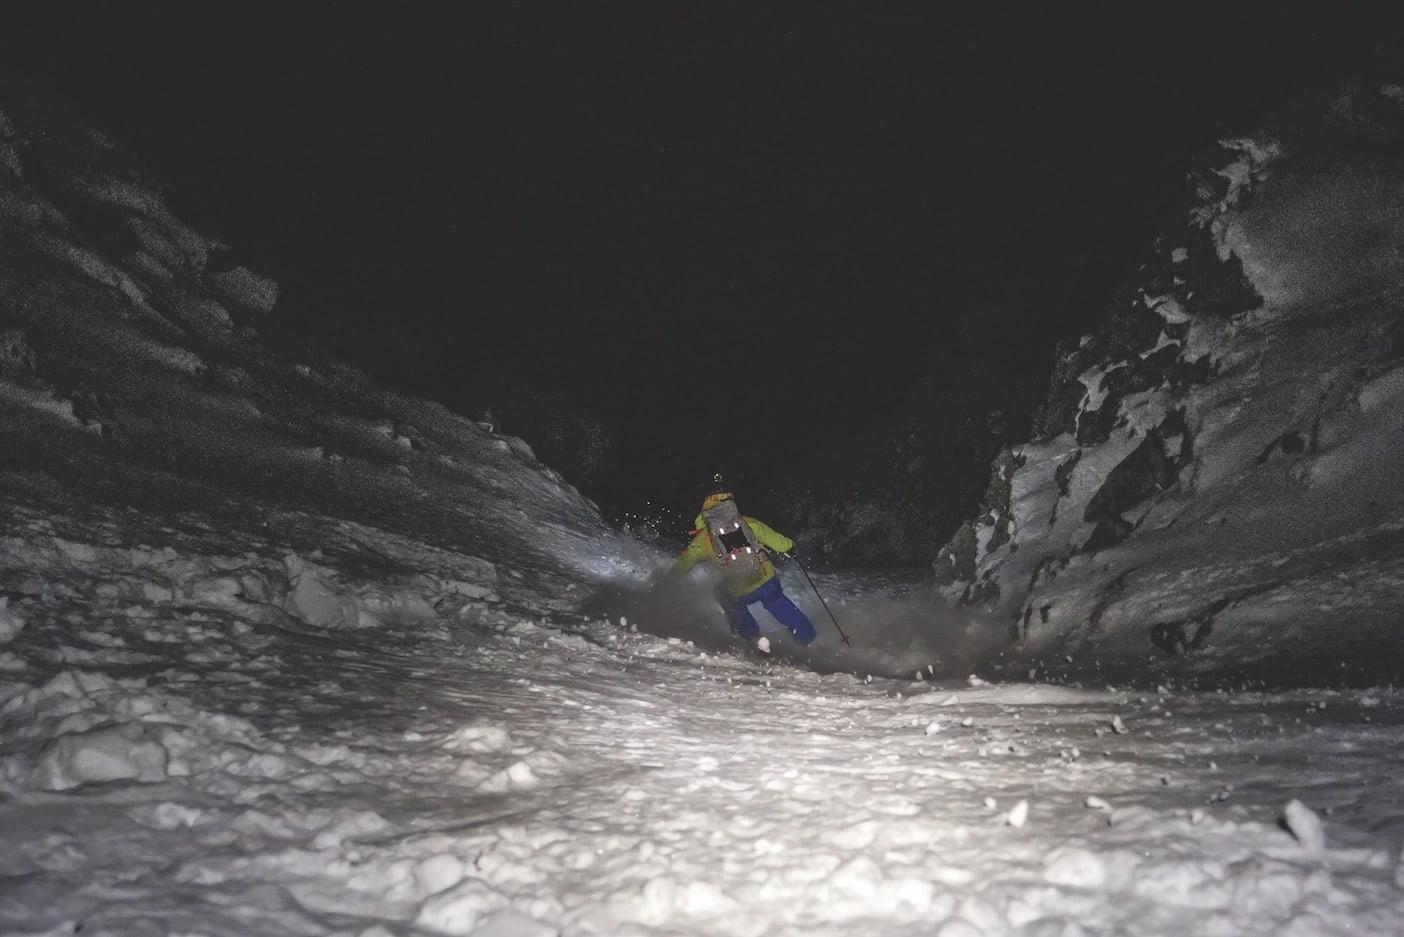 PERFEKT :Inni i Ramborenna lå det litt mer snø enn utenfor - akkurat nok for vårt formål.